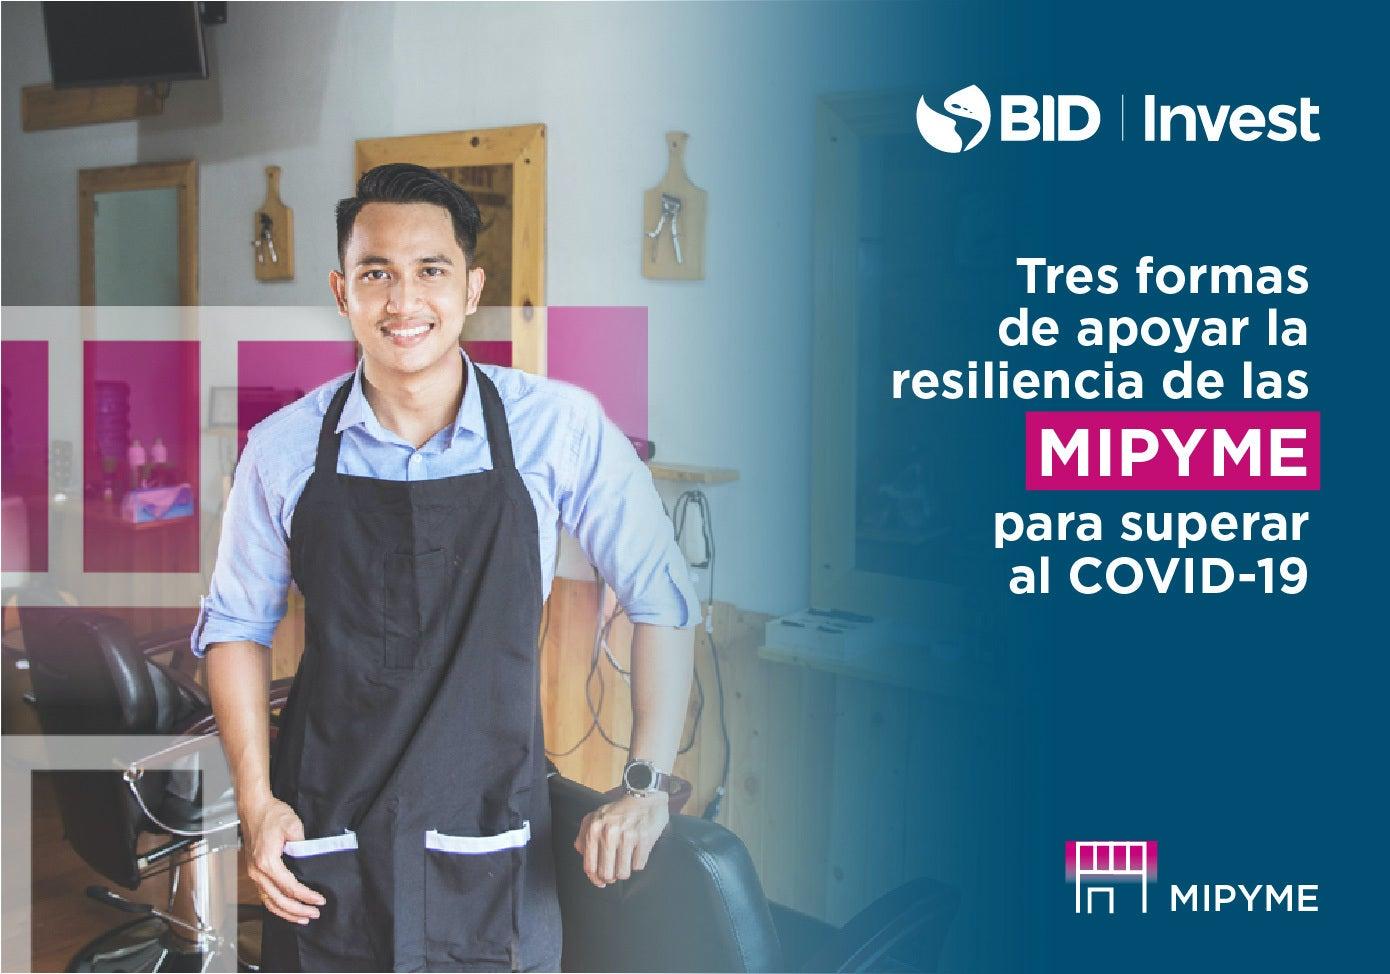 Tres formas de apoyar la resiliencia de las MIPYME para superar al COVID-19